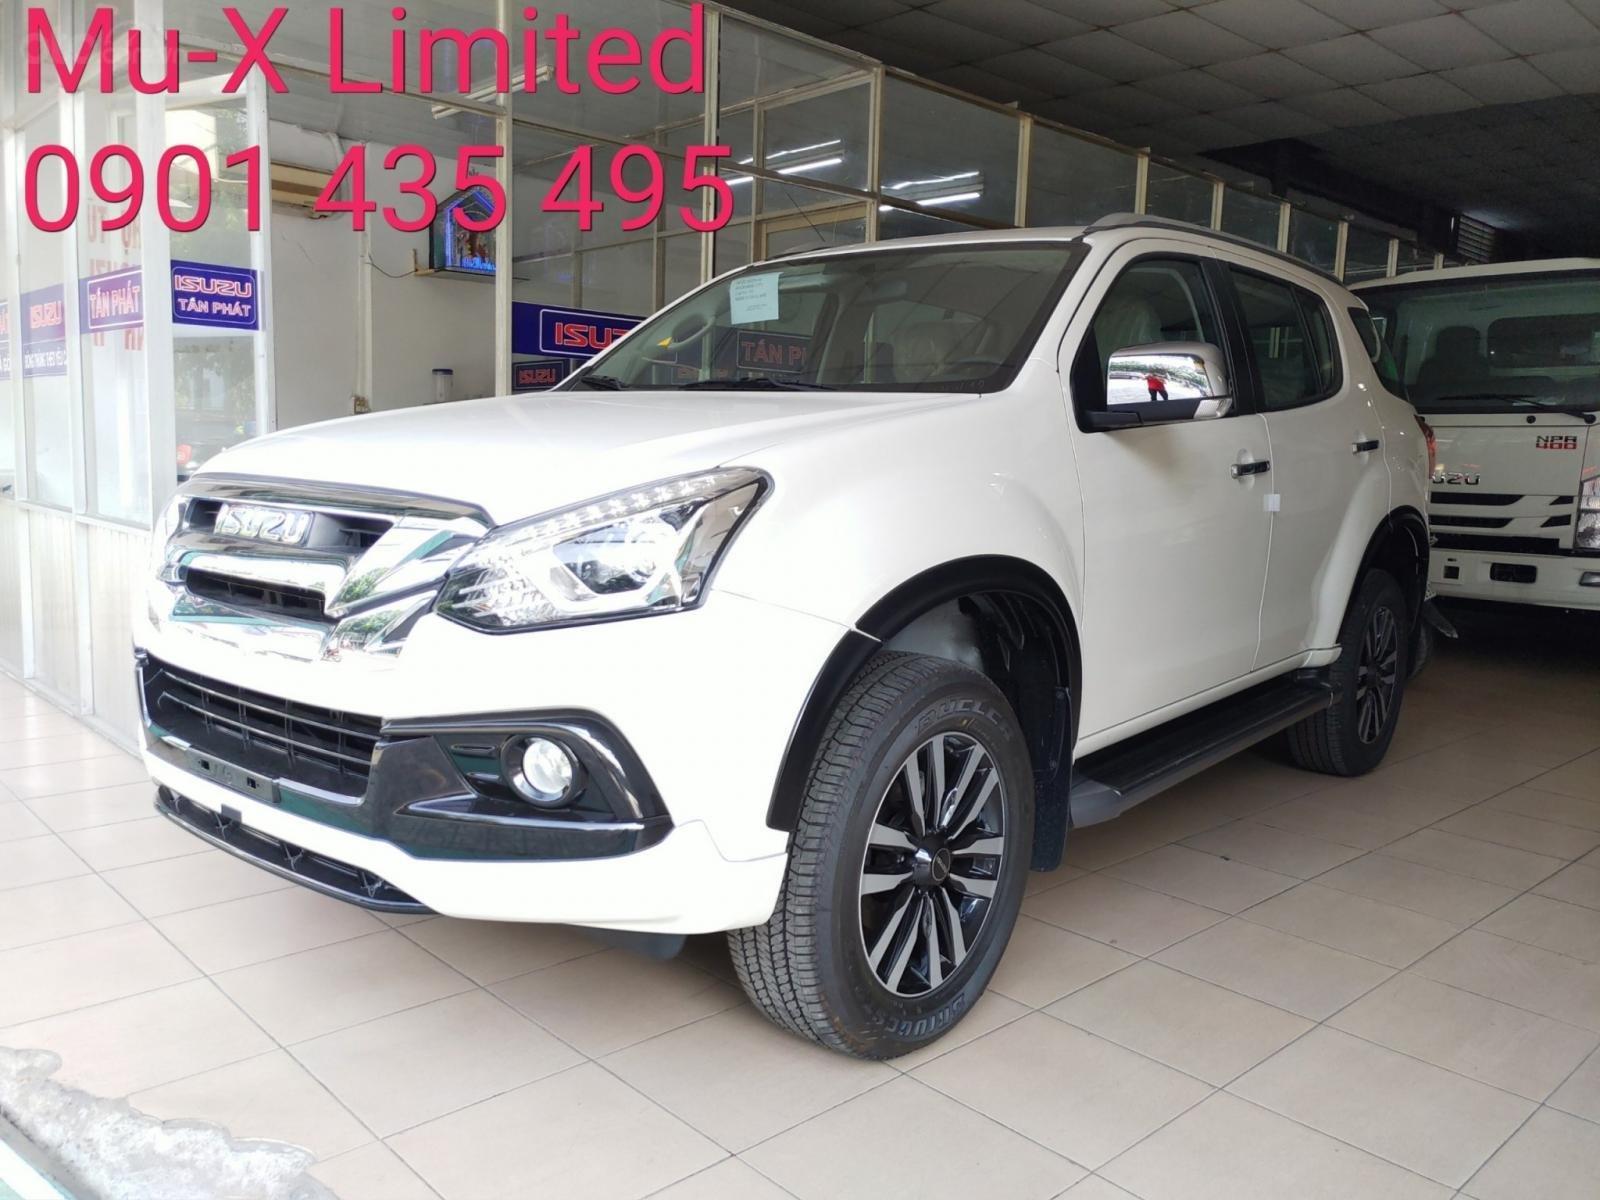 Bán Isuzu Mu-X Limited 1.9 nhập khẩu Thái Lan (1)